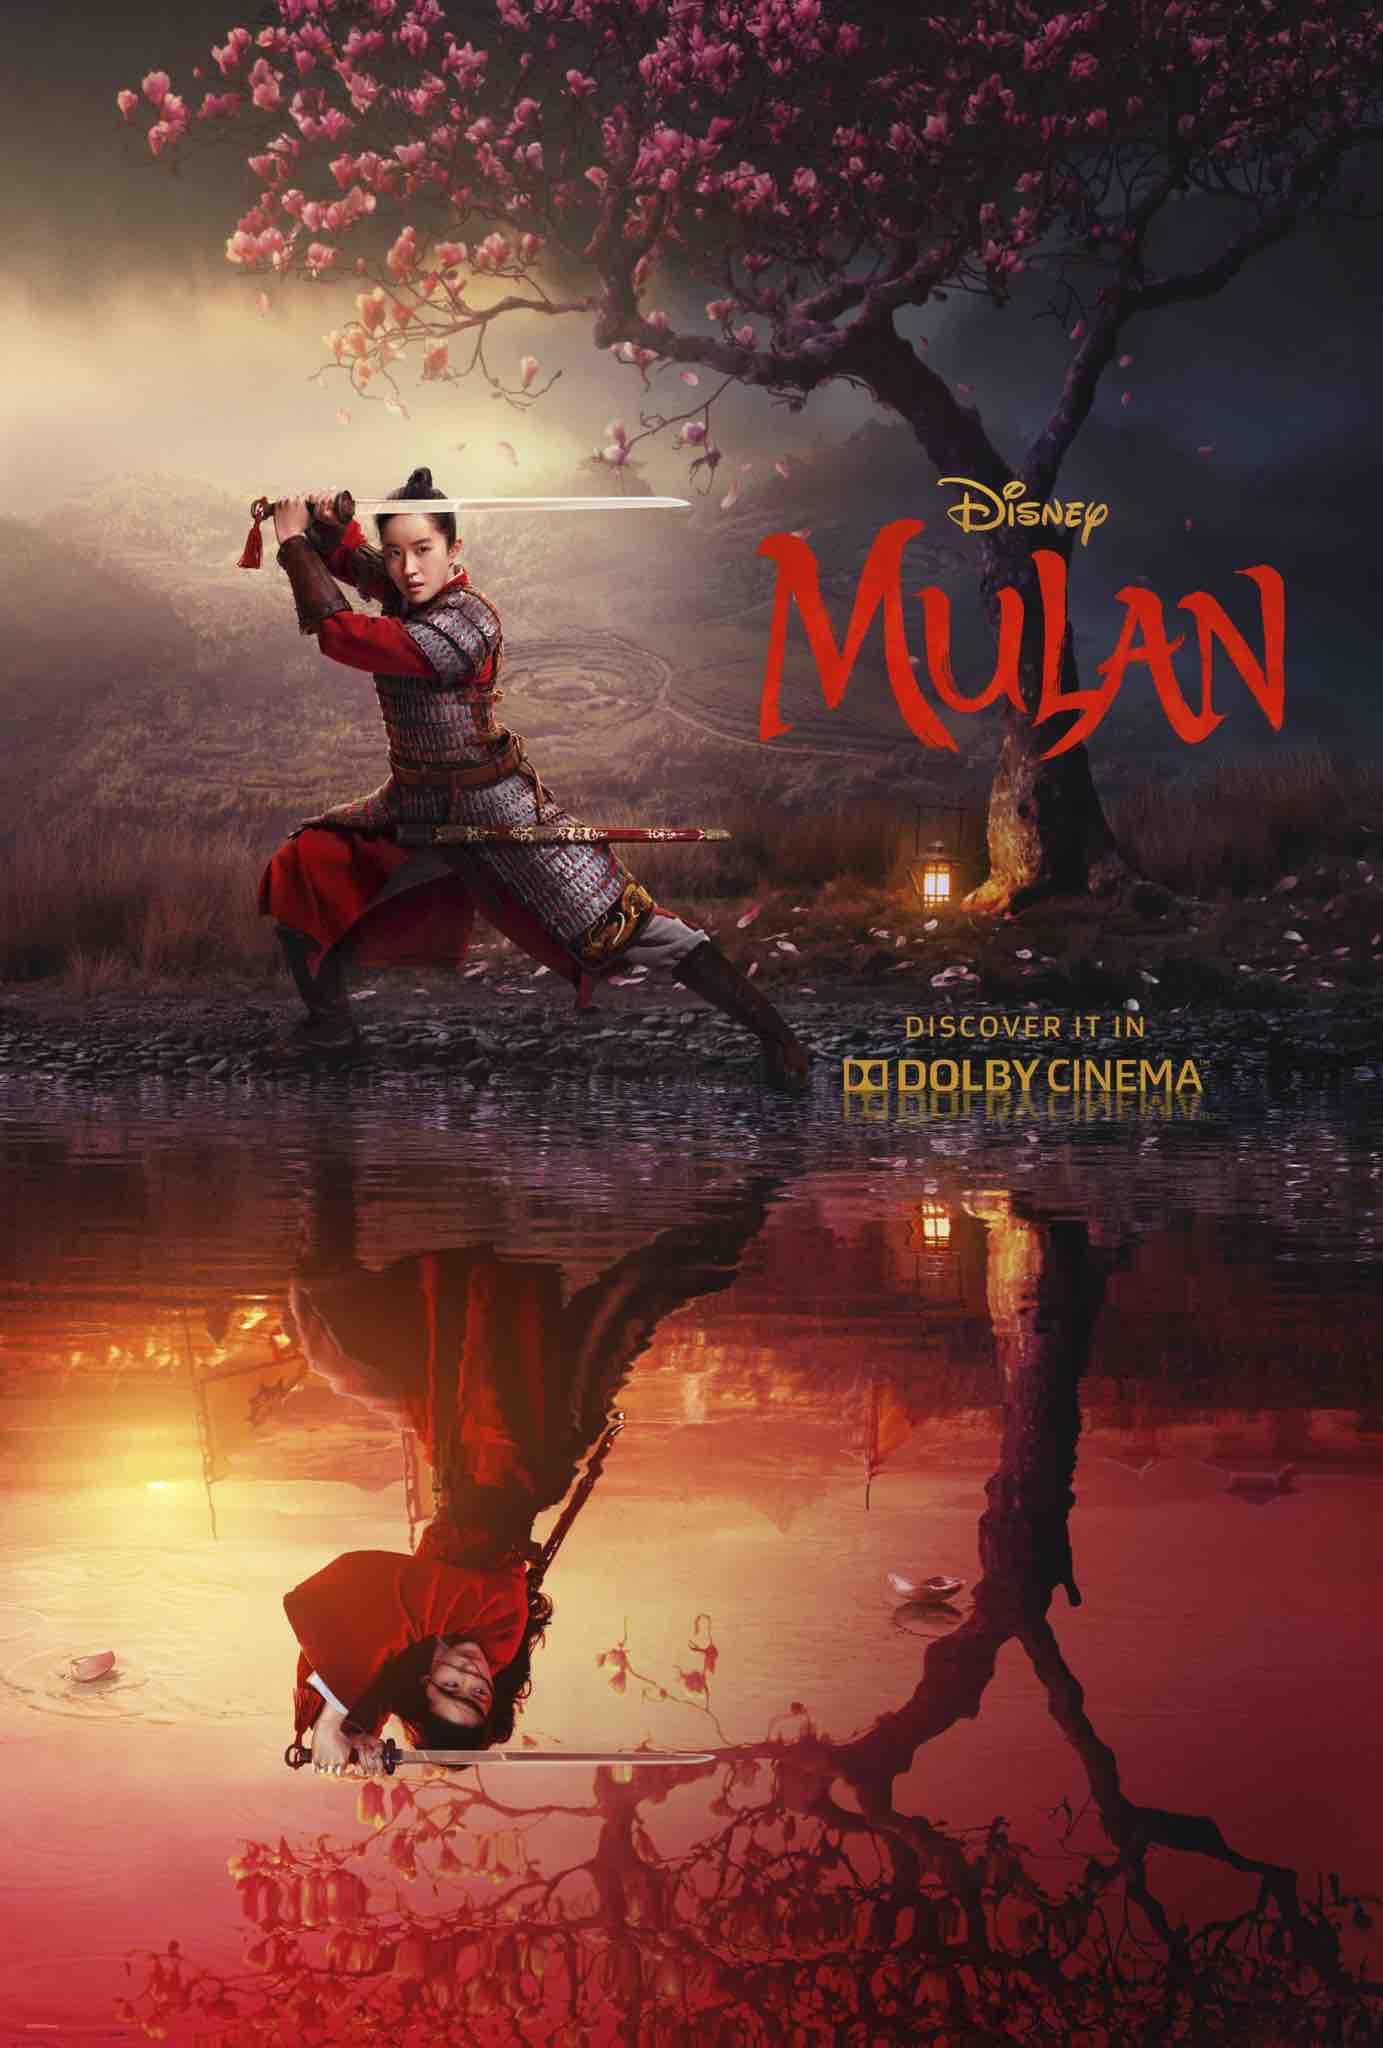 Mulan [Disney - 2020] - Page 16 ERytPMXUwAAHuFW?format=jpg&name=large